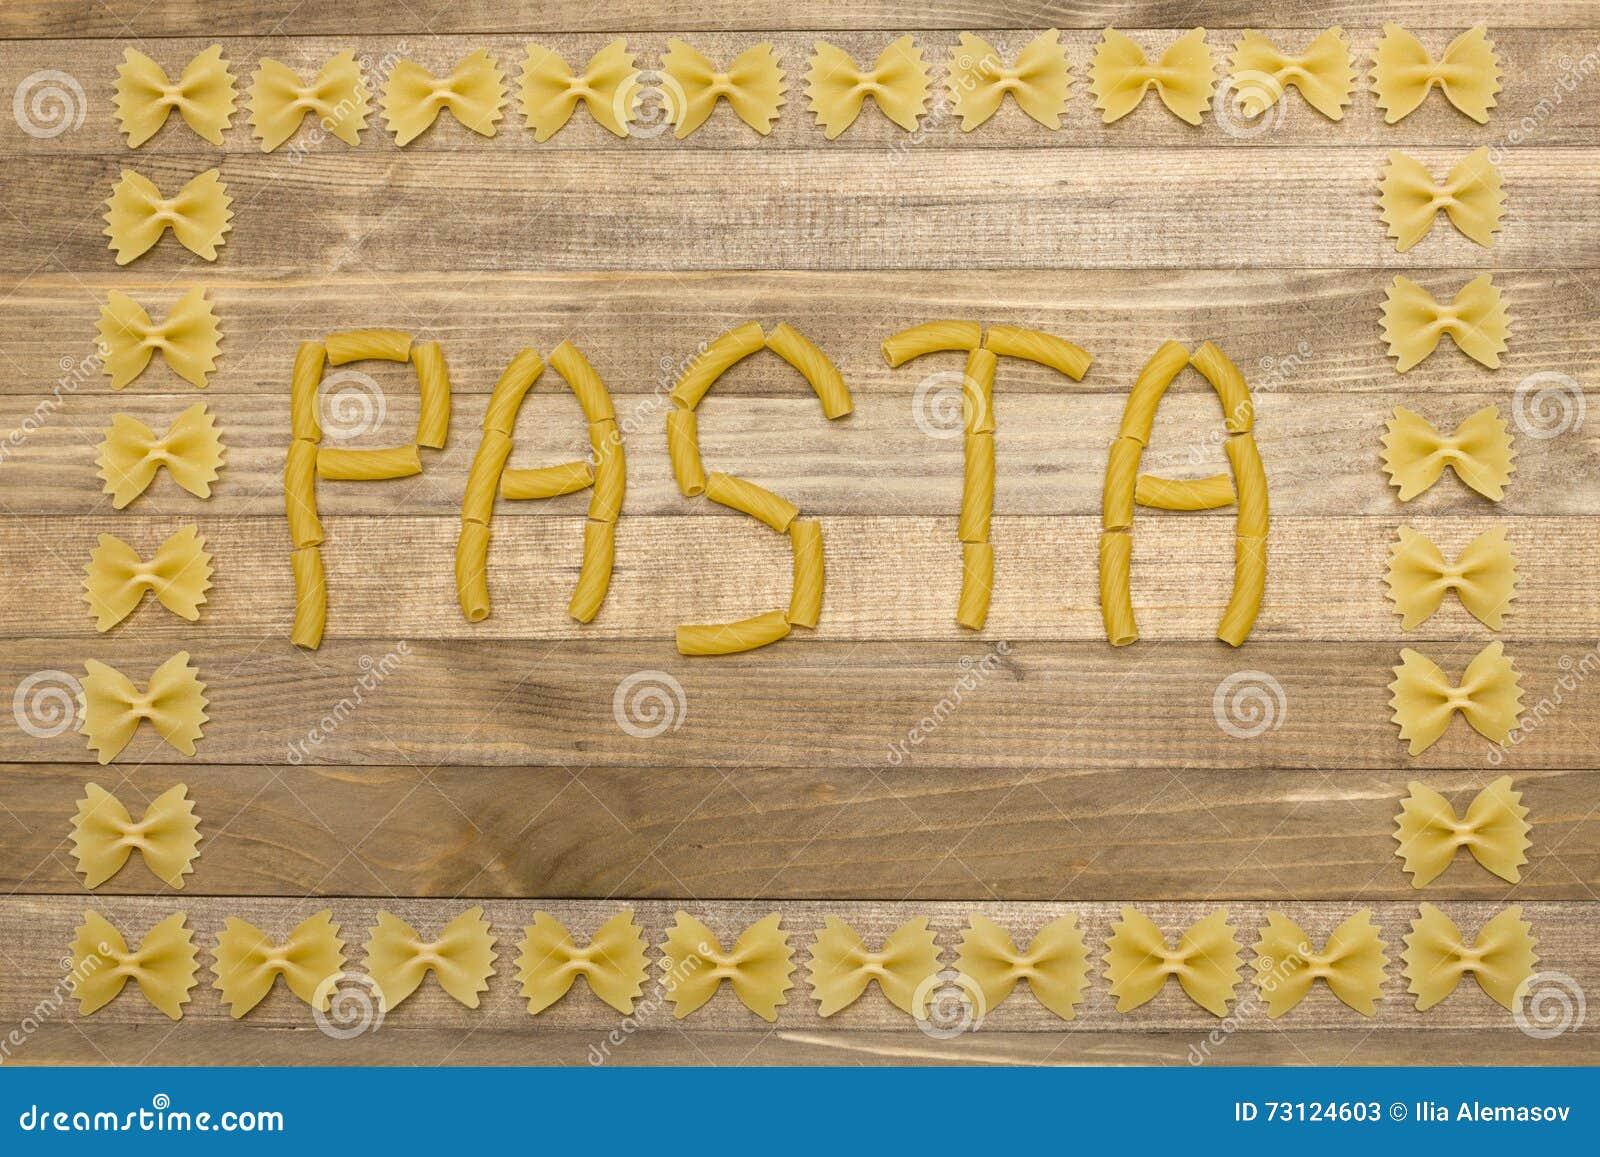 Texte de pâtes fait de pâtes crues